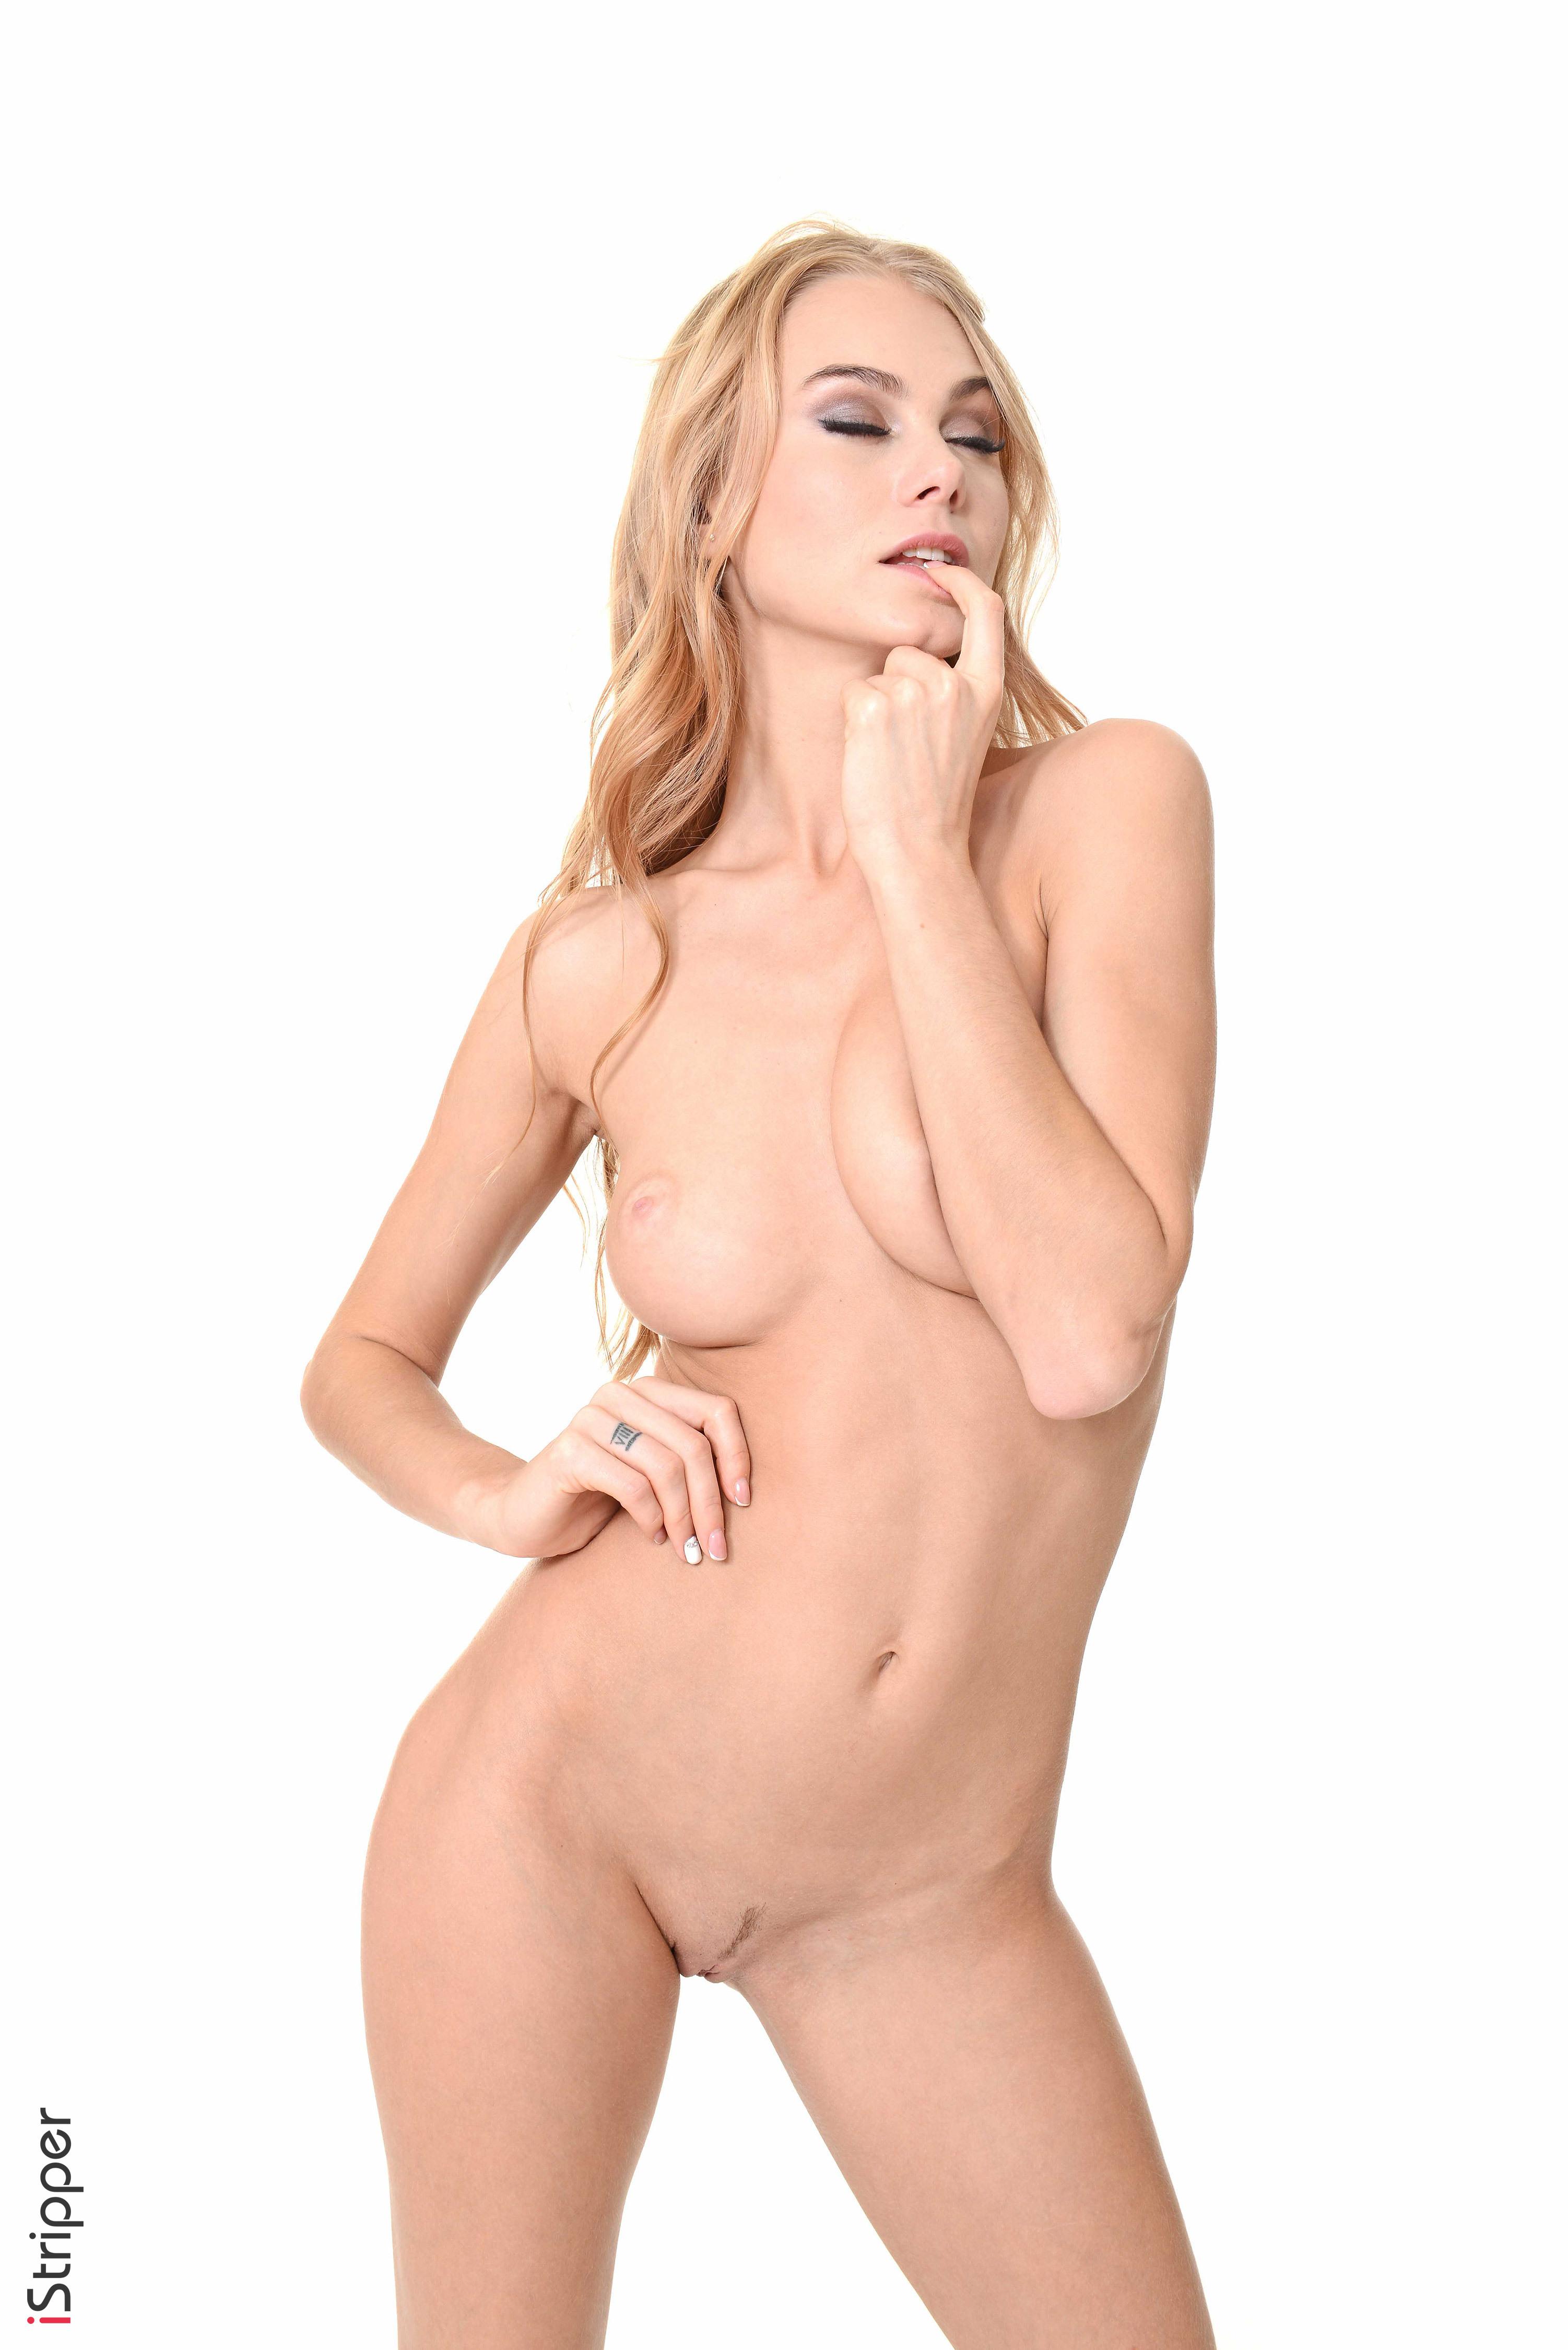 women nude wallpapers